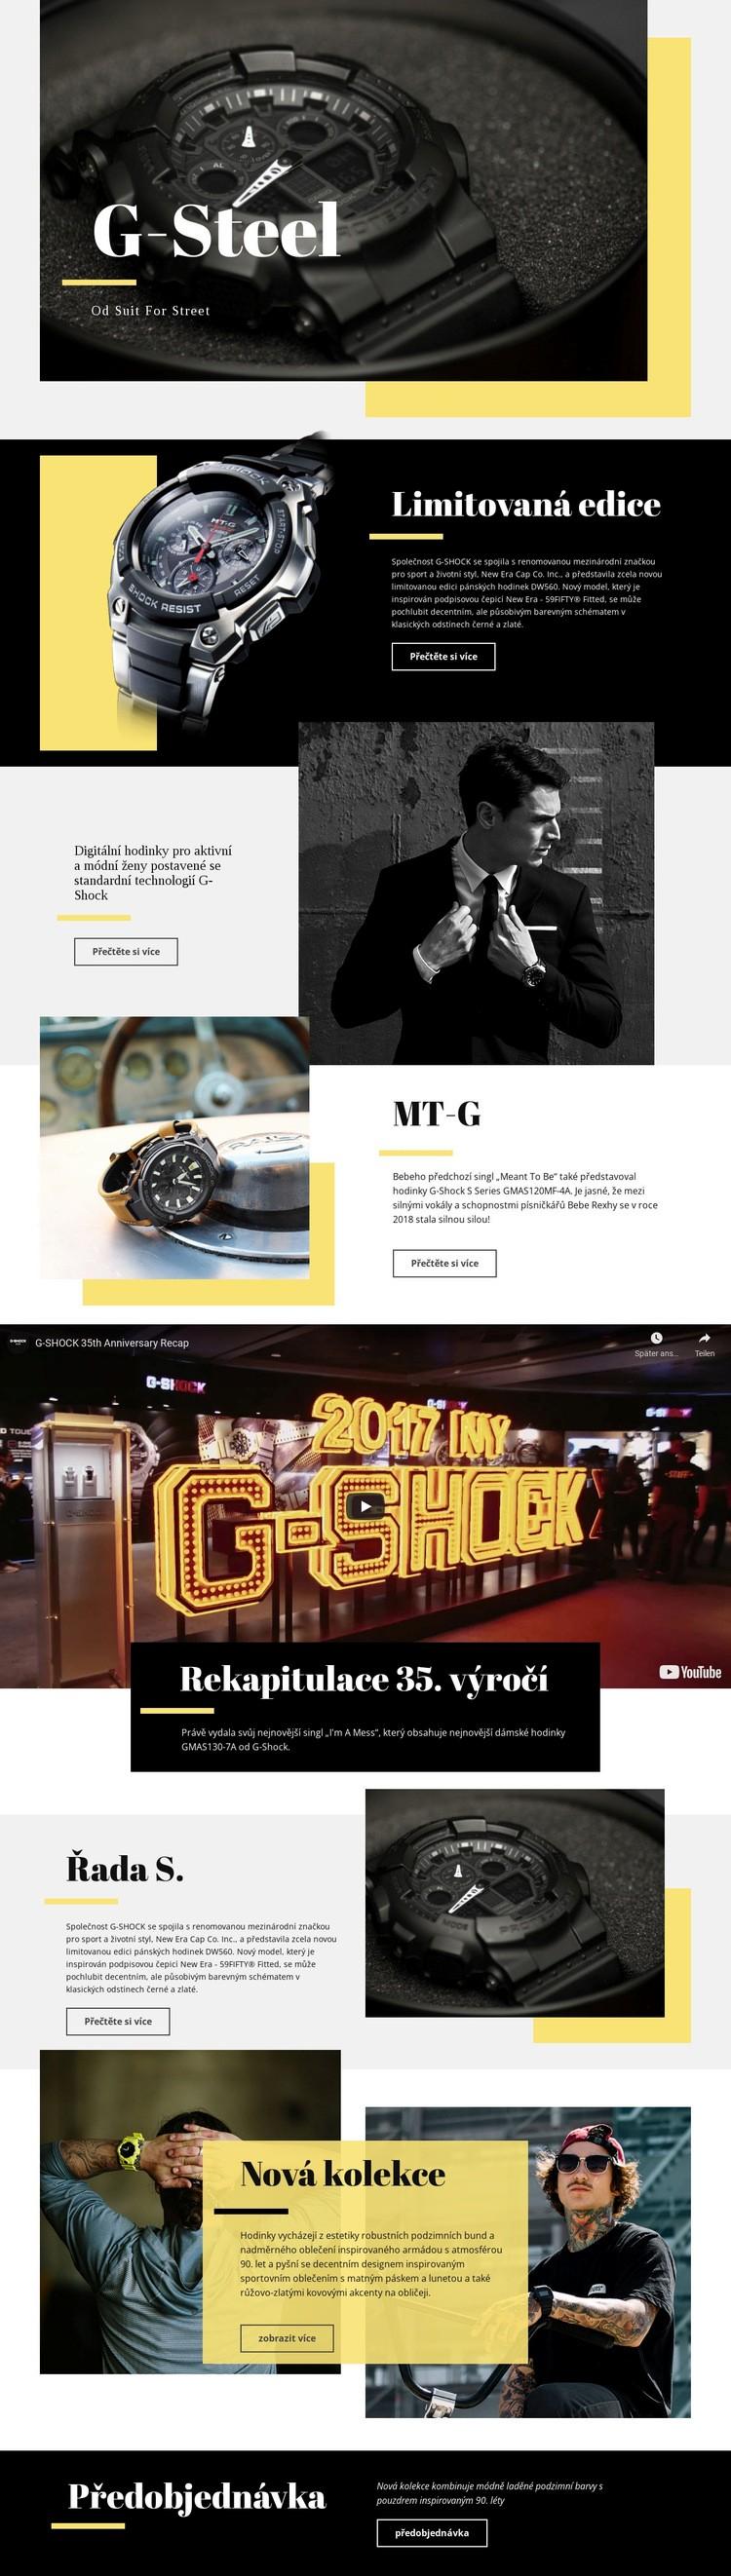 G-Steel Šablona webové stránky